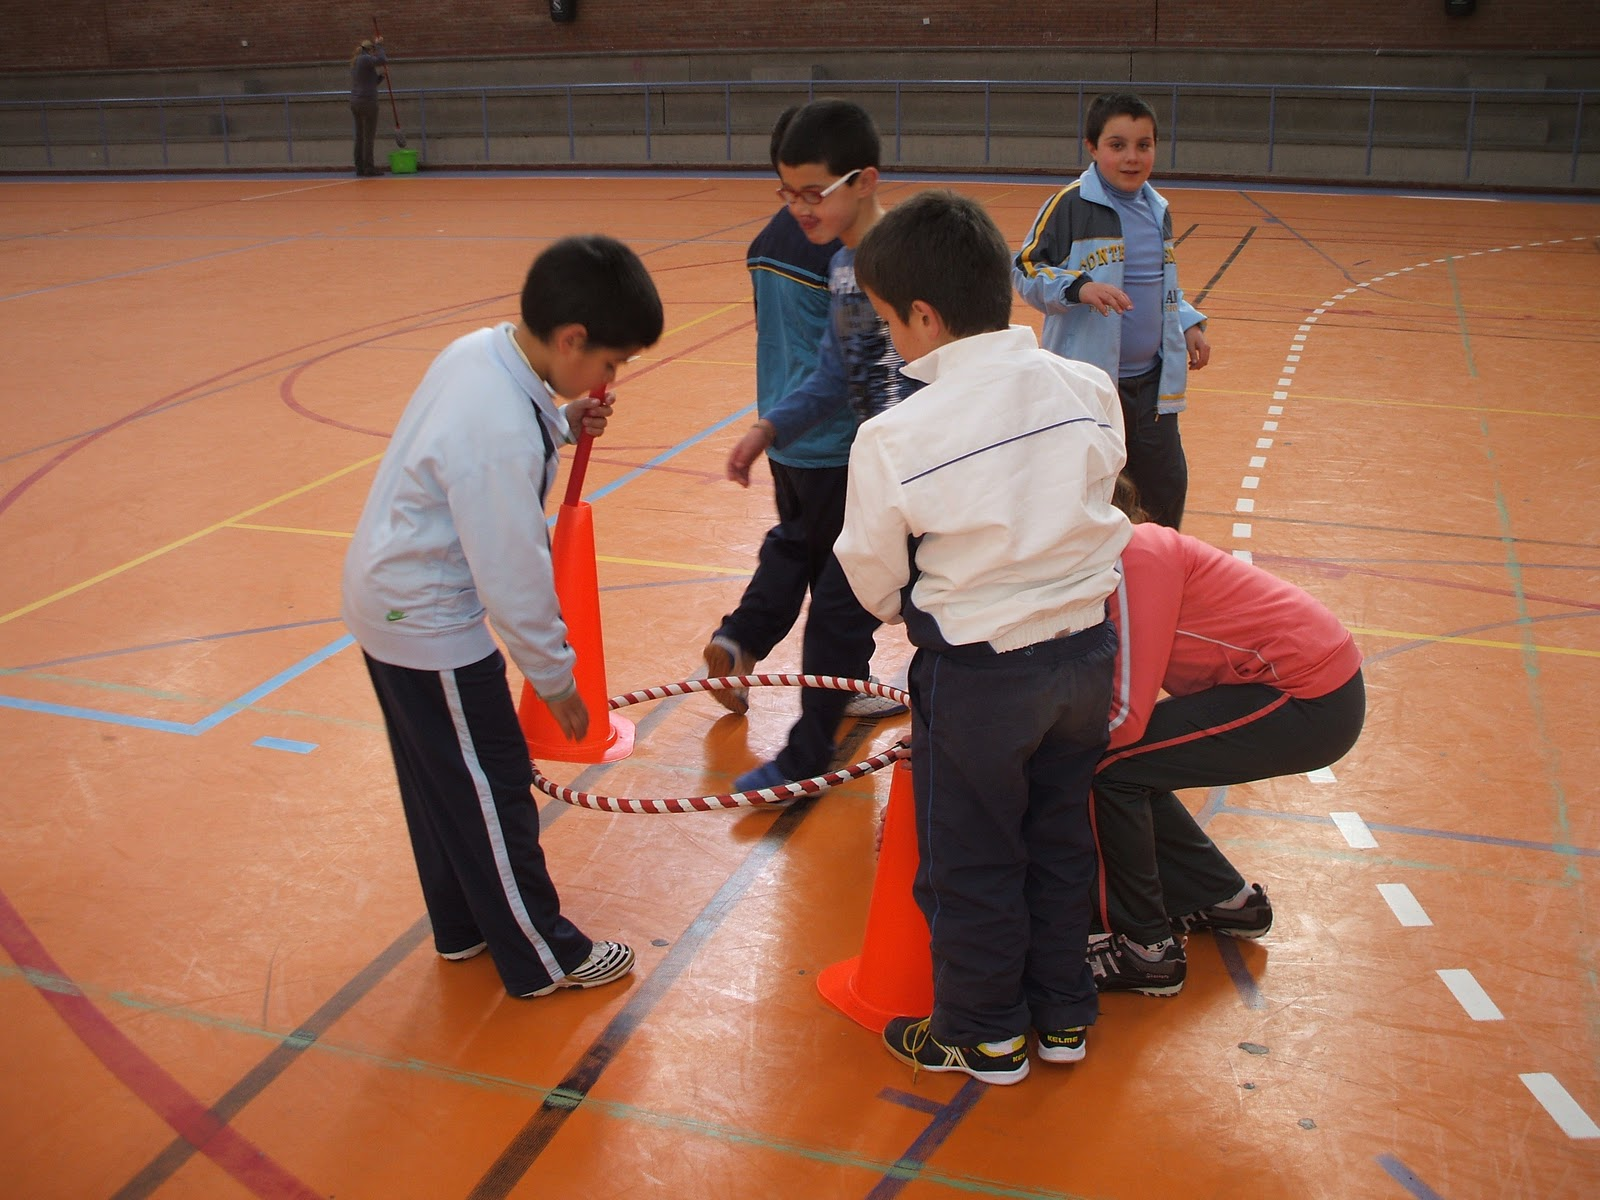 Mi Educacion Fisica Unidad Didactica De Juegos Y Retos Cooperativos